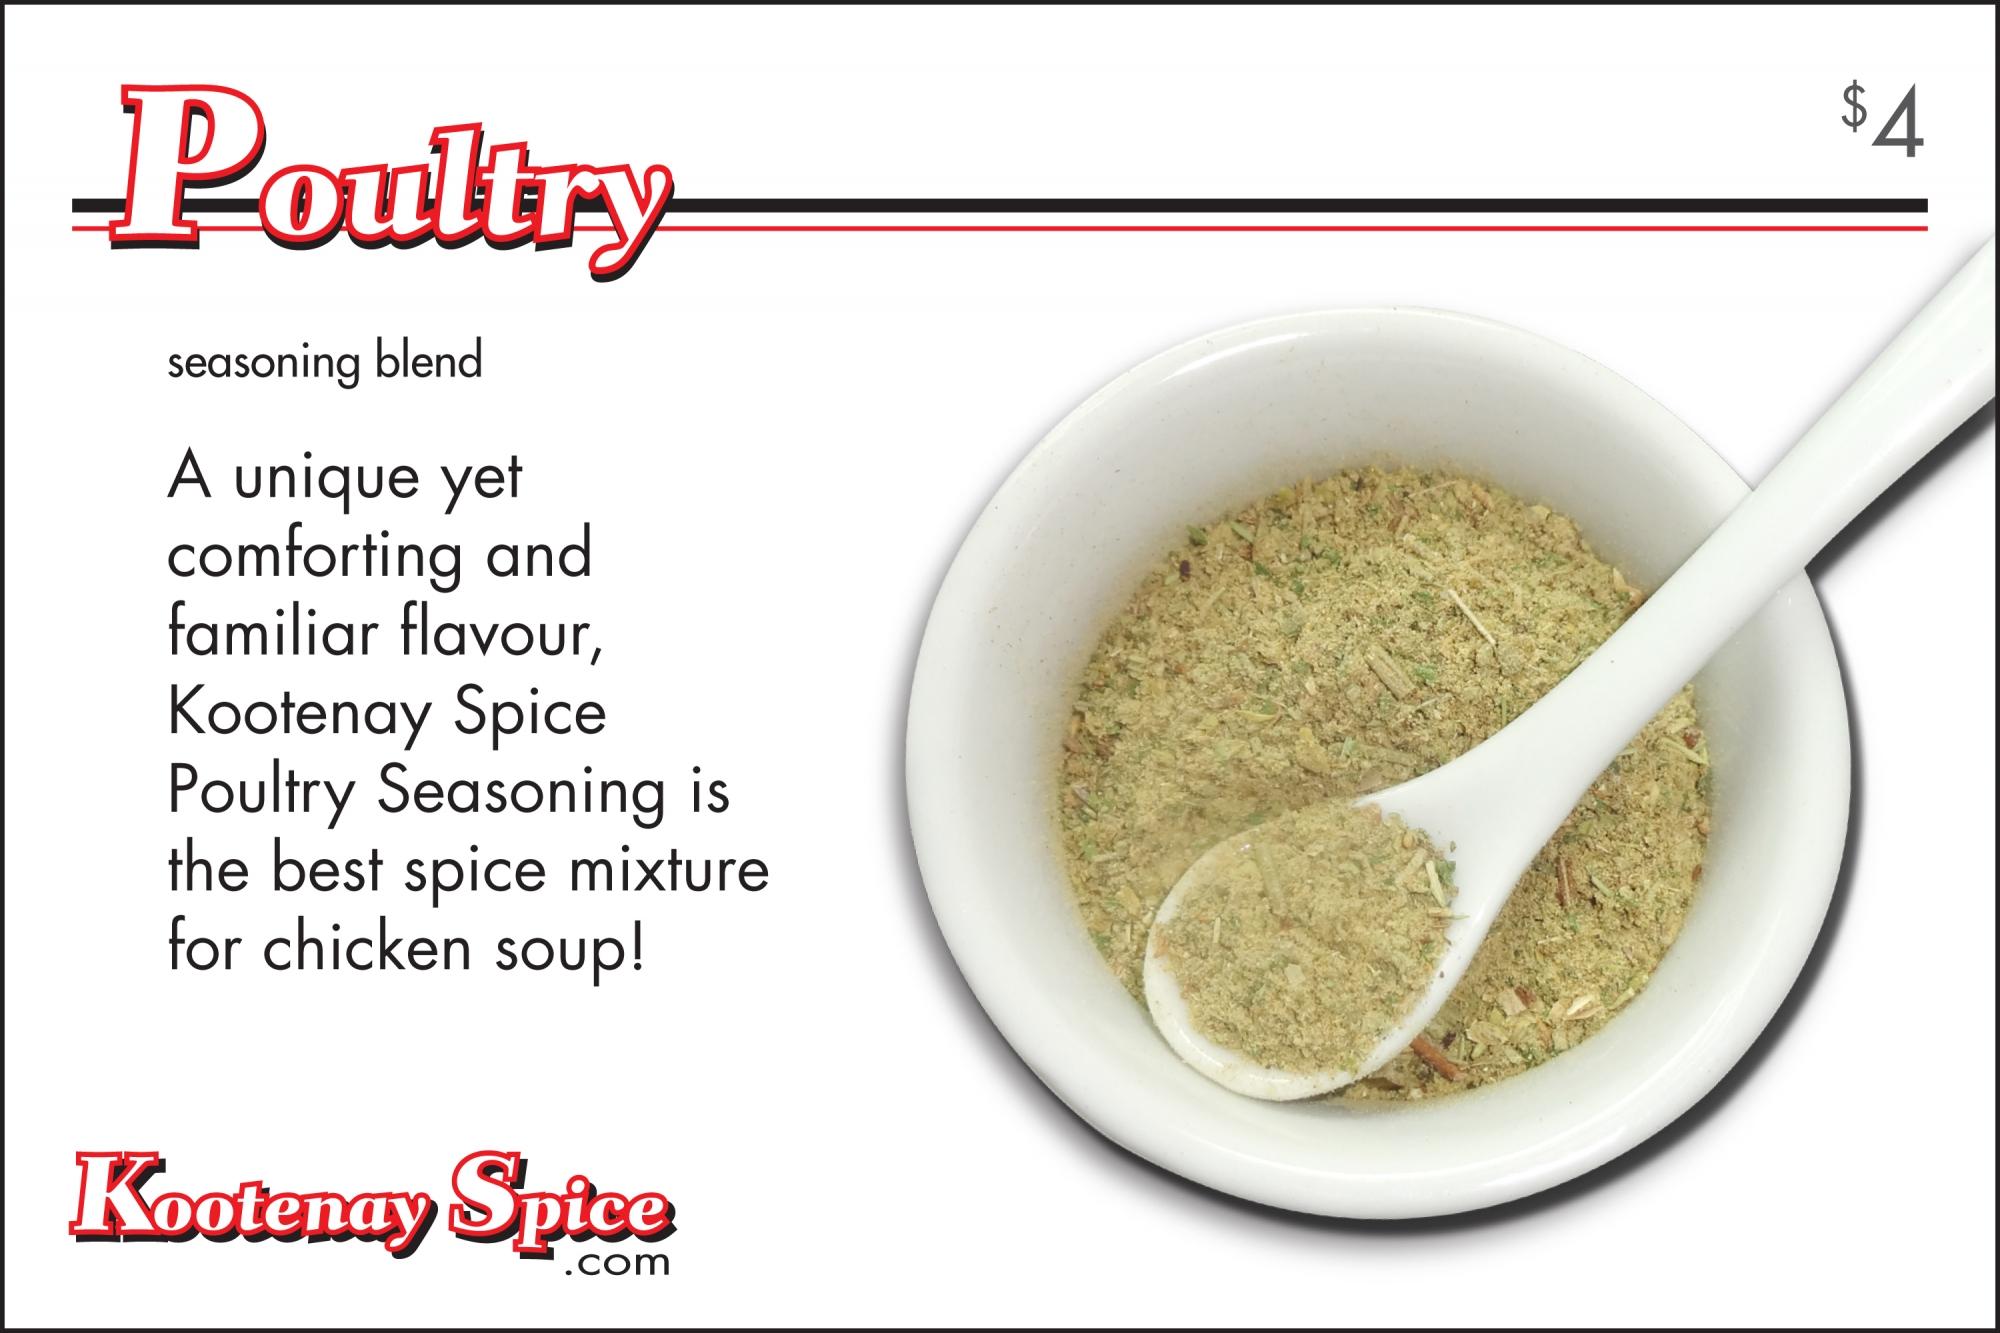 Kootenay Spice Poultry